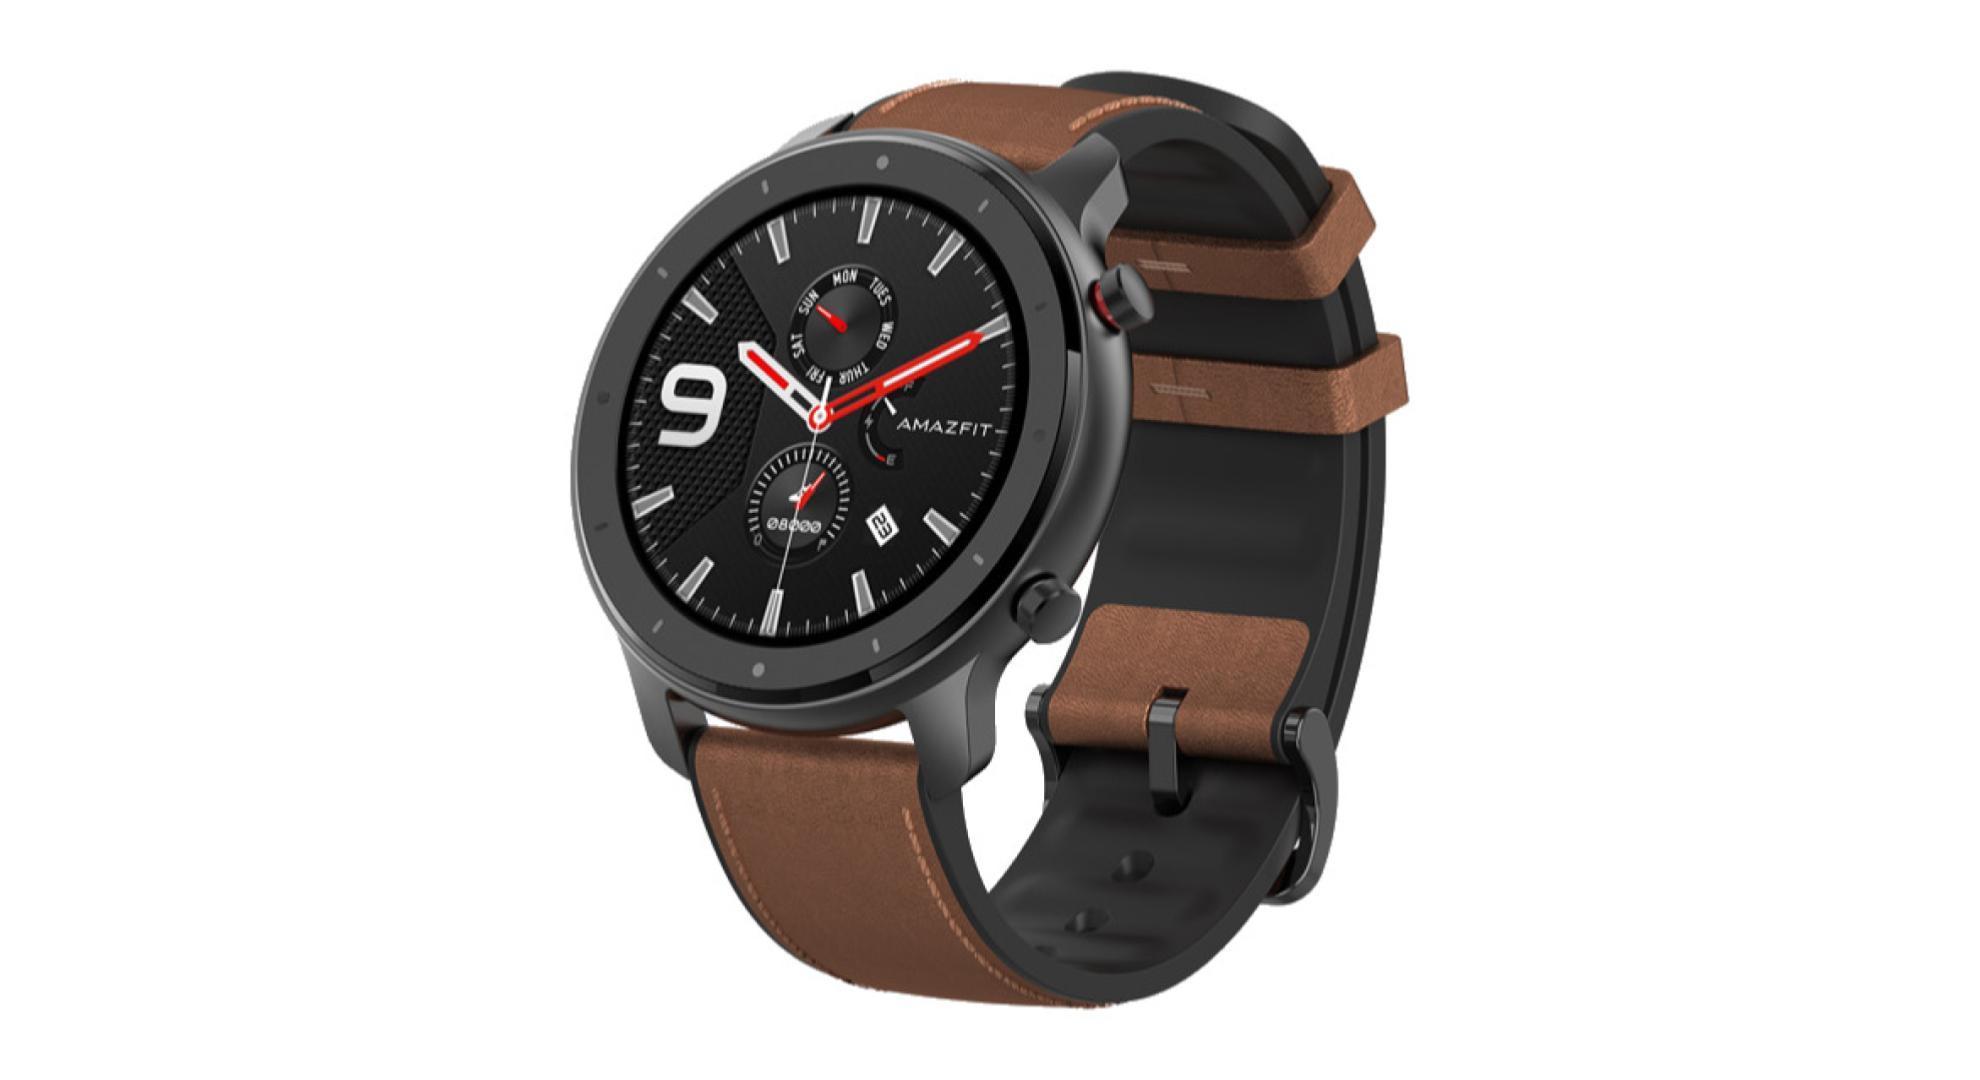 La montre Huami Amazfit GTR de Xiaomi profite déjà d'une baisse de prix